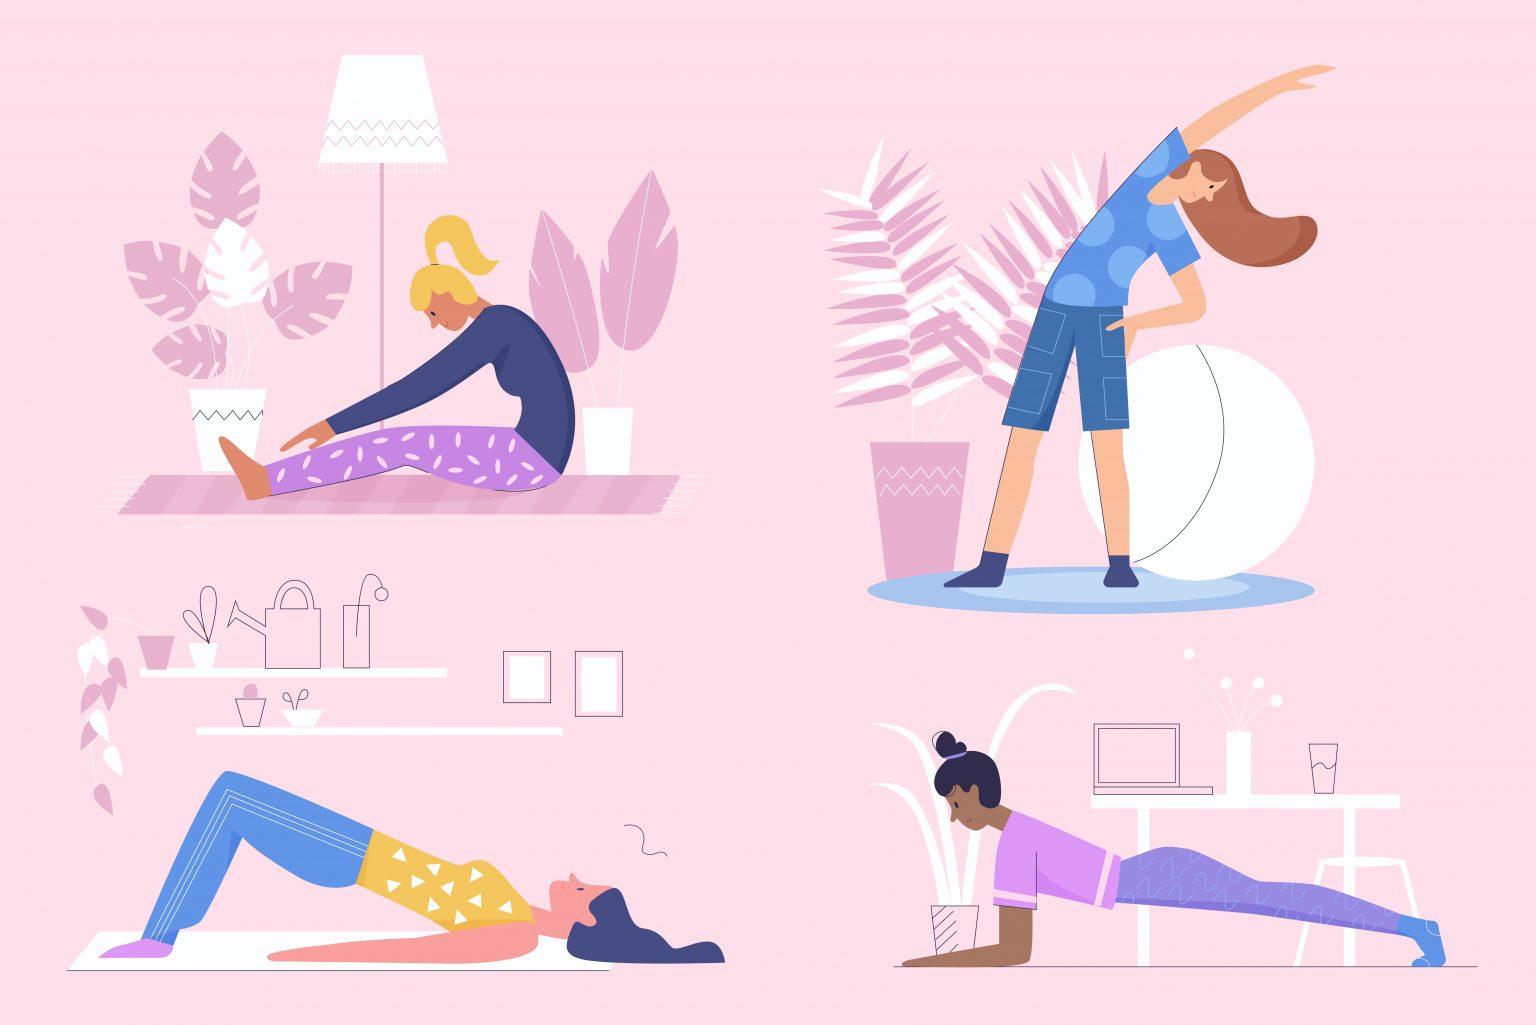 Сядь прямо: 4 совета, как сохранить здоровую спину, если выпользуетесь ноутбуком